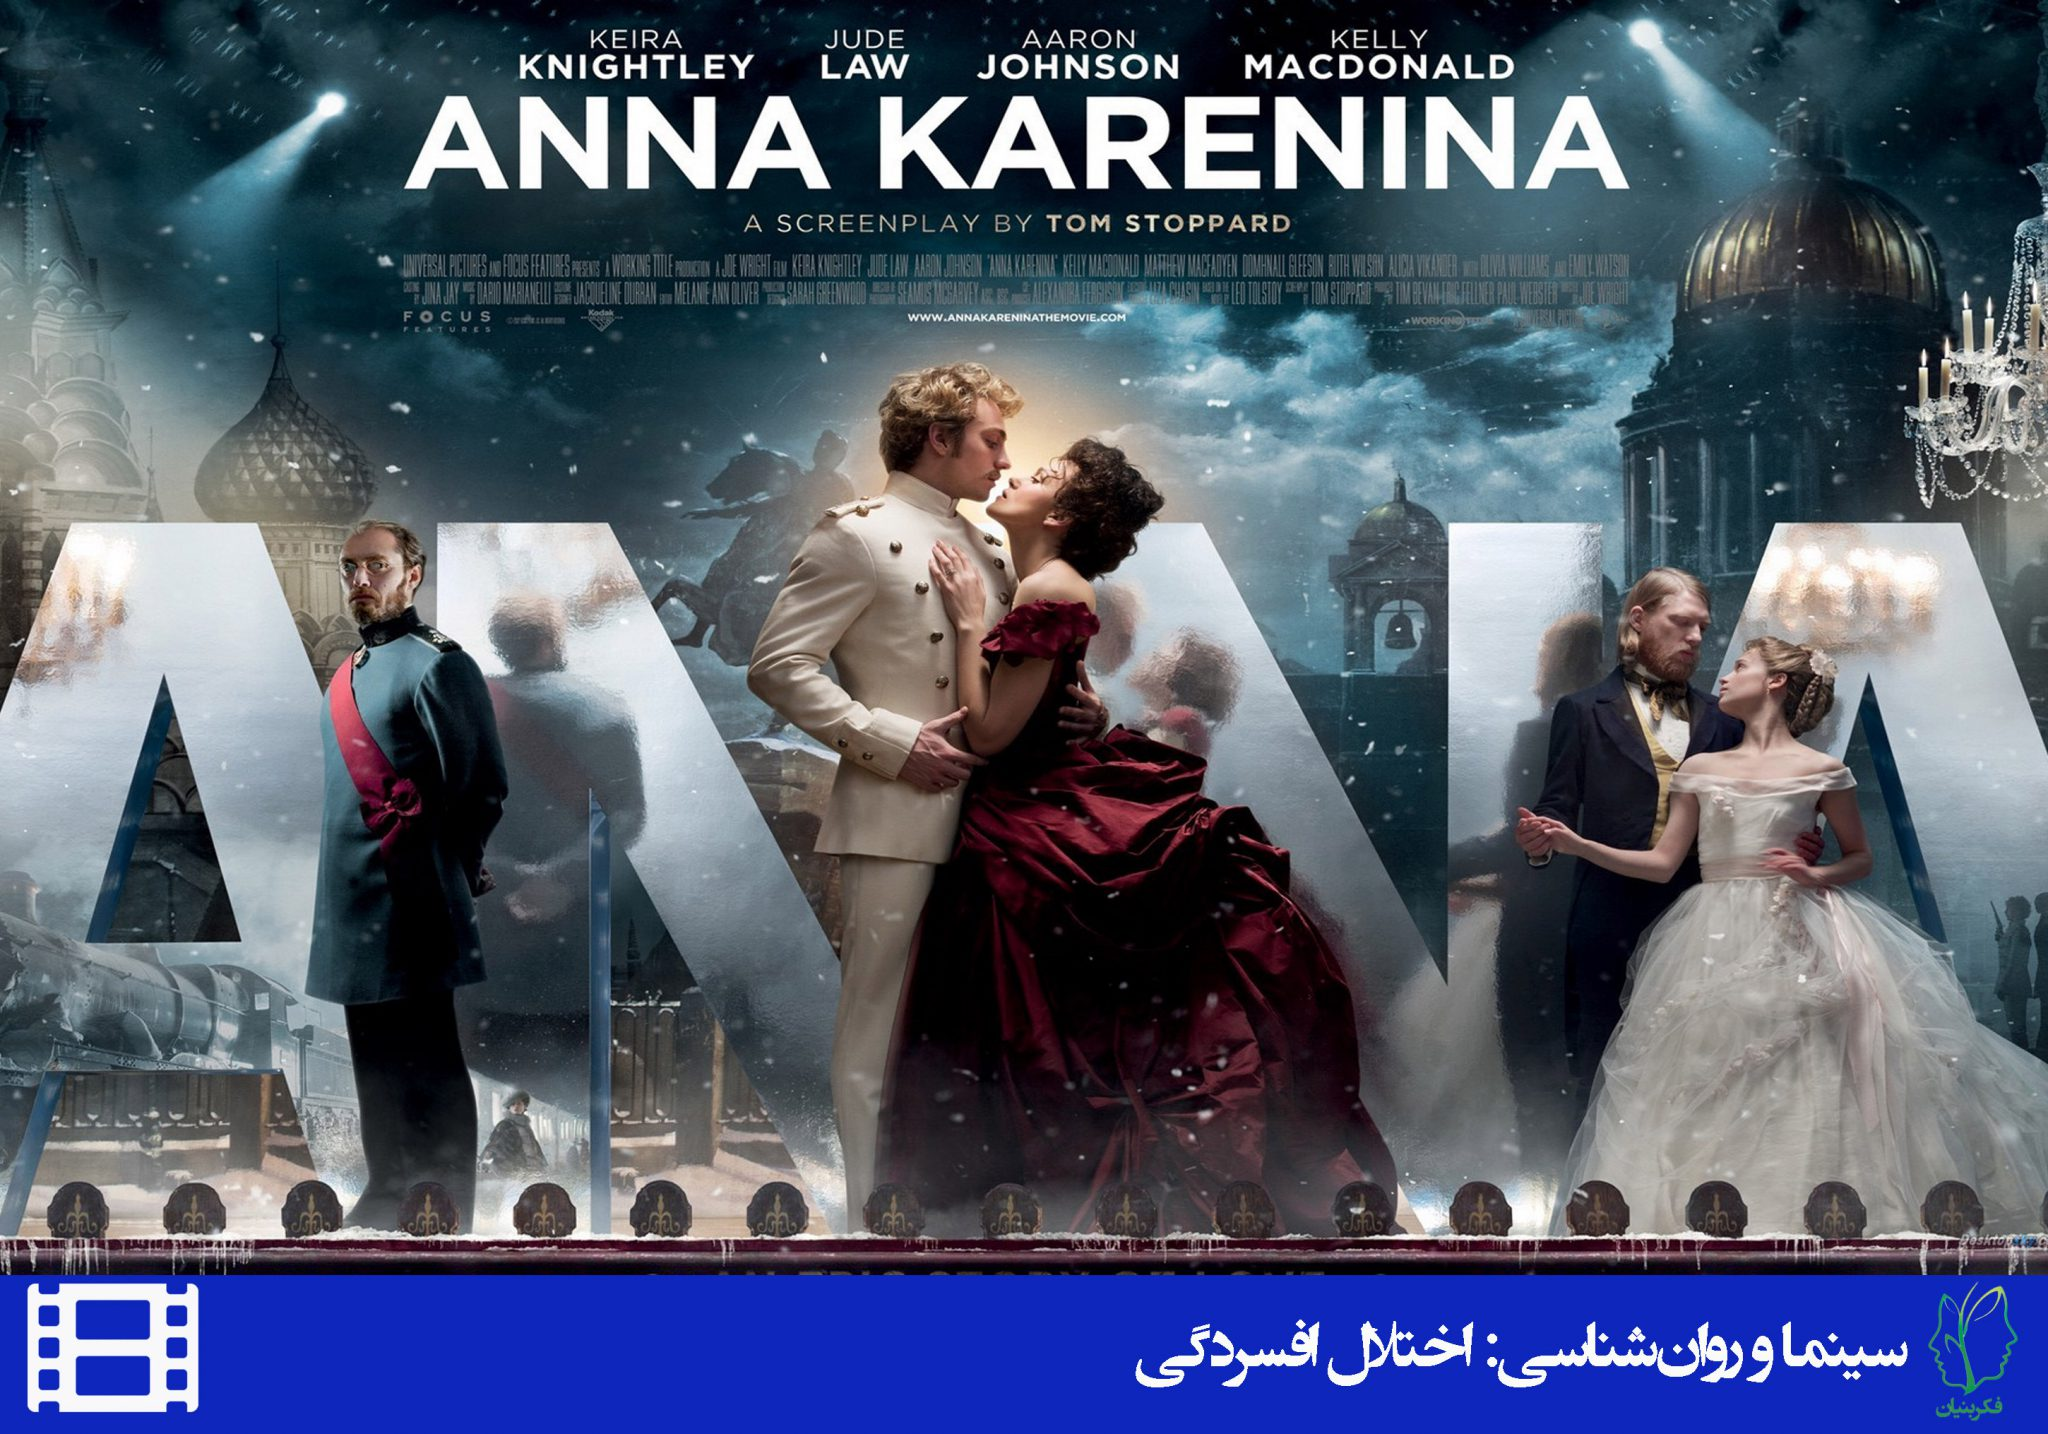 آنا کارنینا (Anna Karenina)